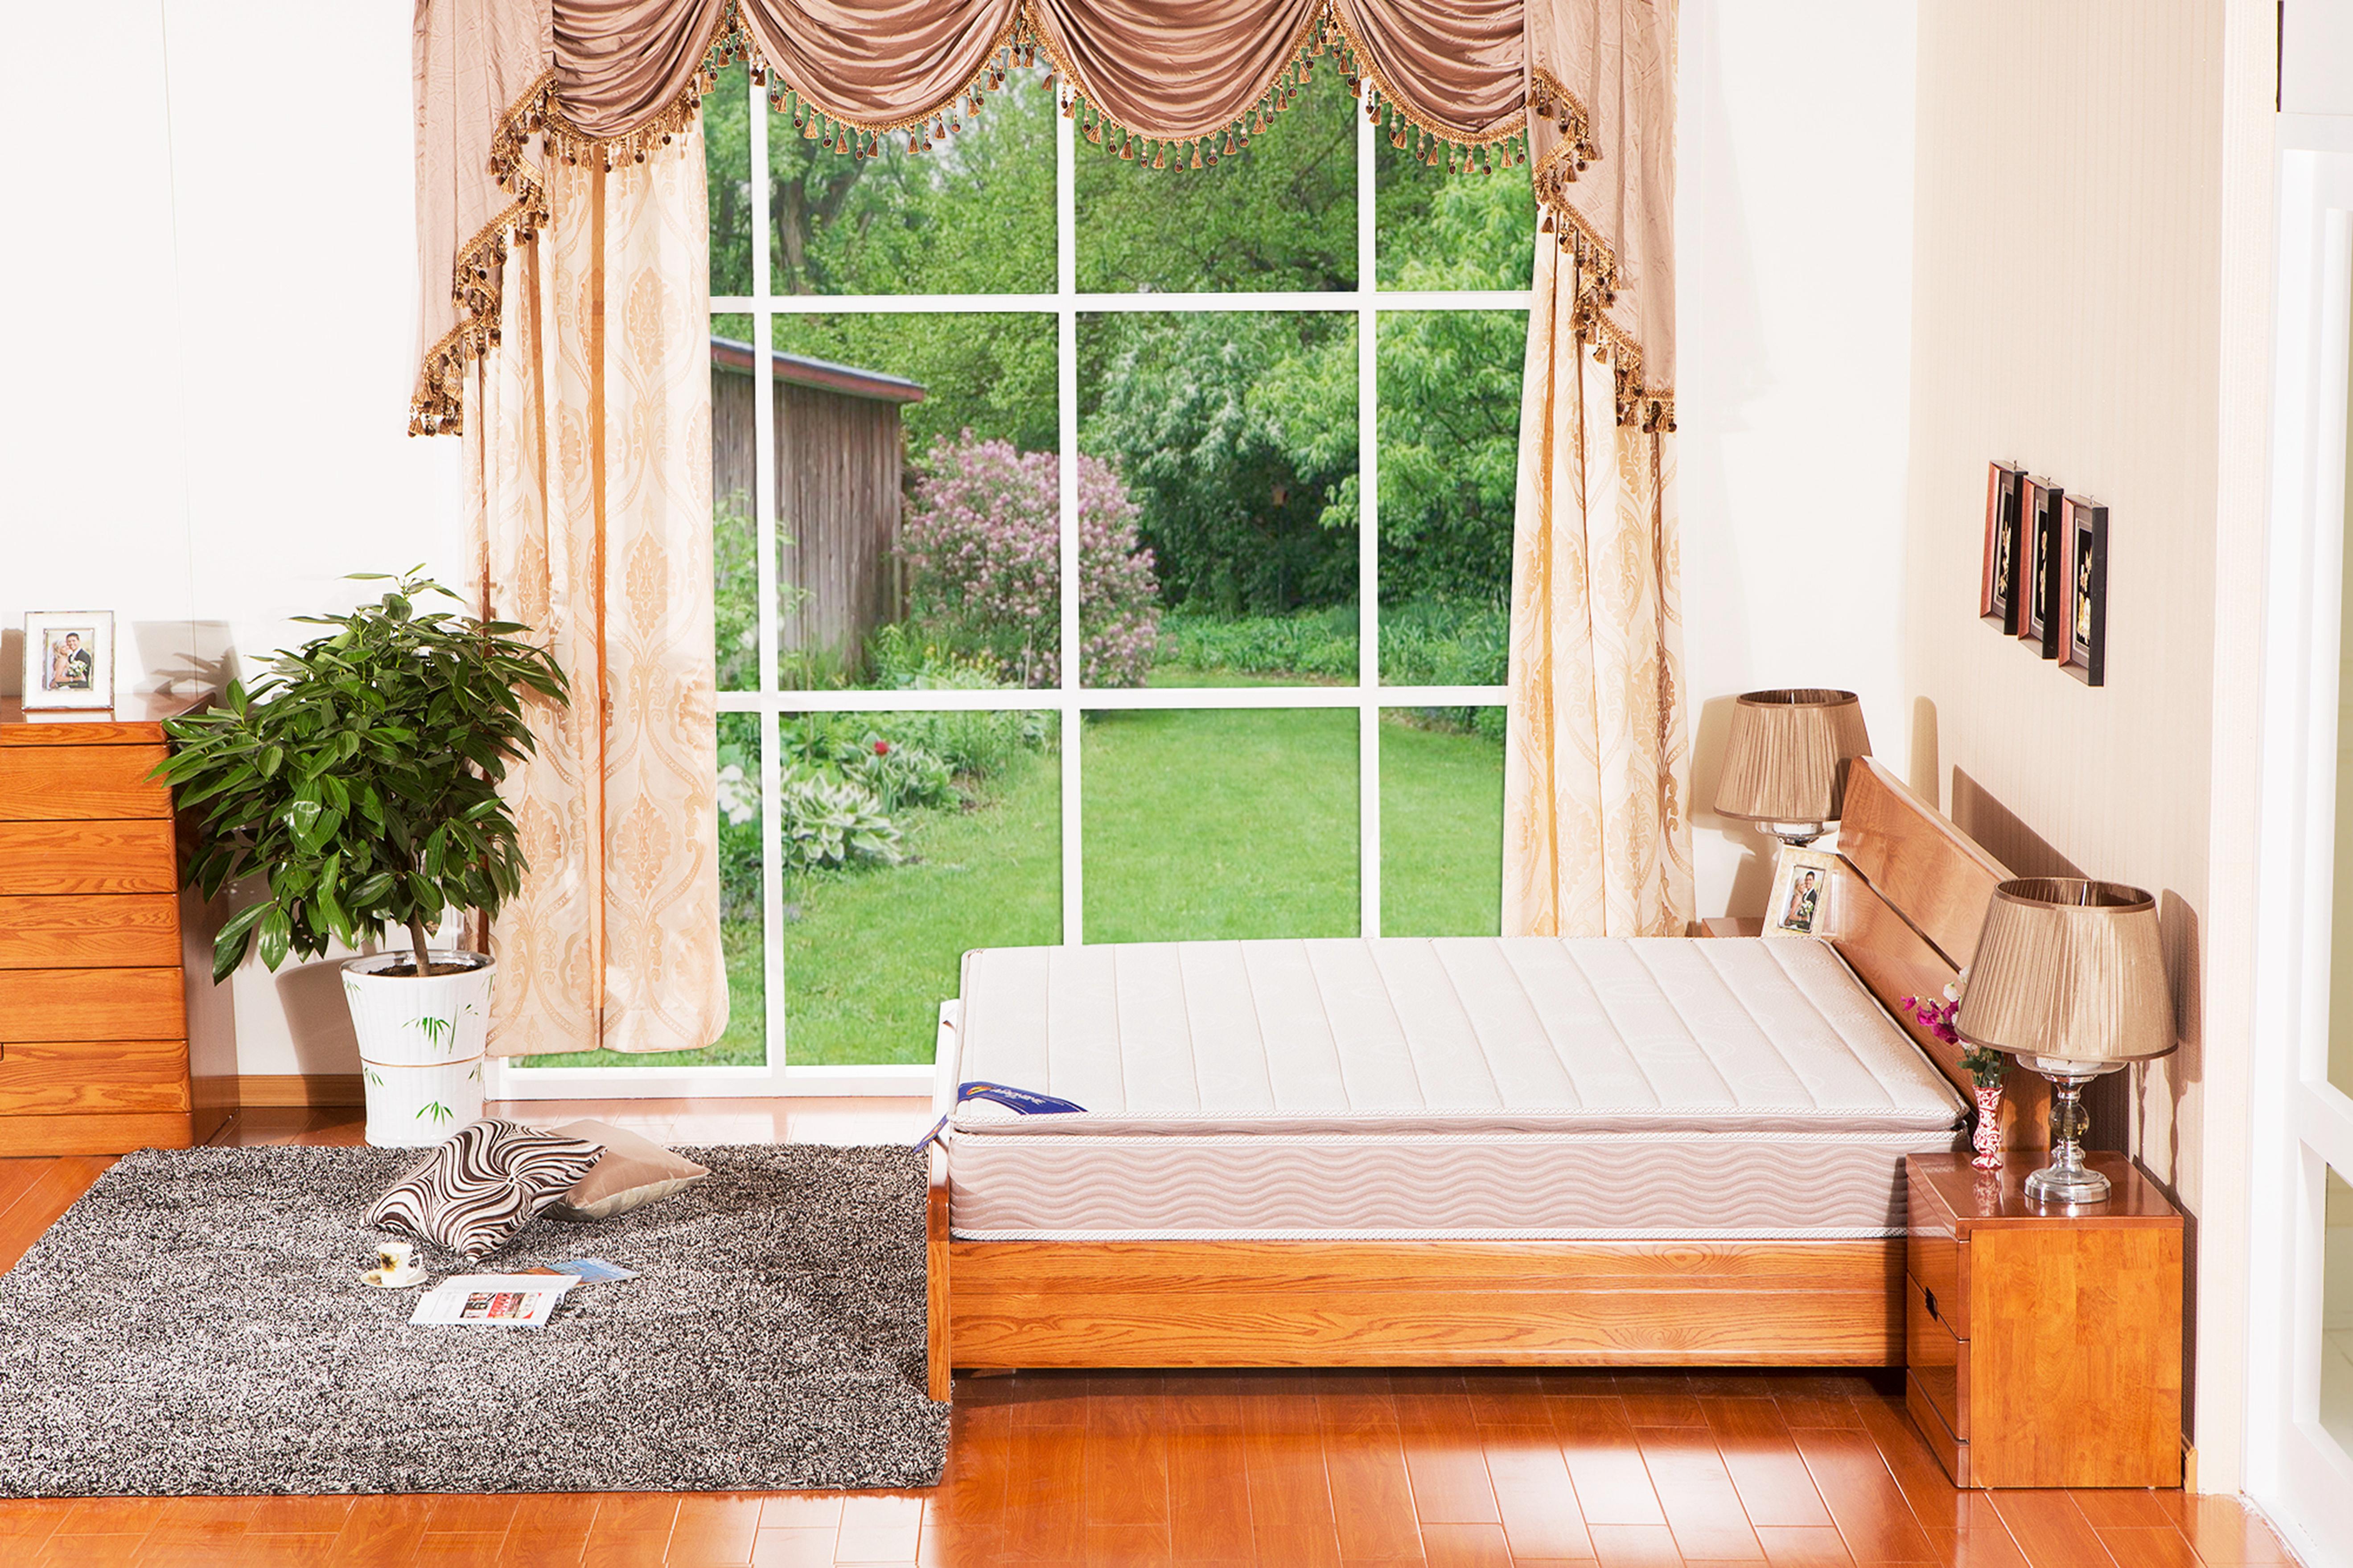 【房先森装修学院】长期使用托马林床垫有危害吗 挑选床垫有哪些主要的事项